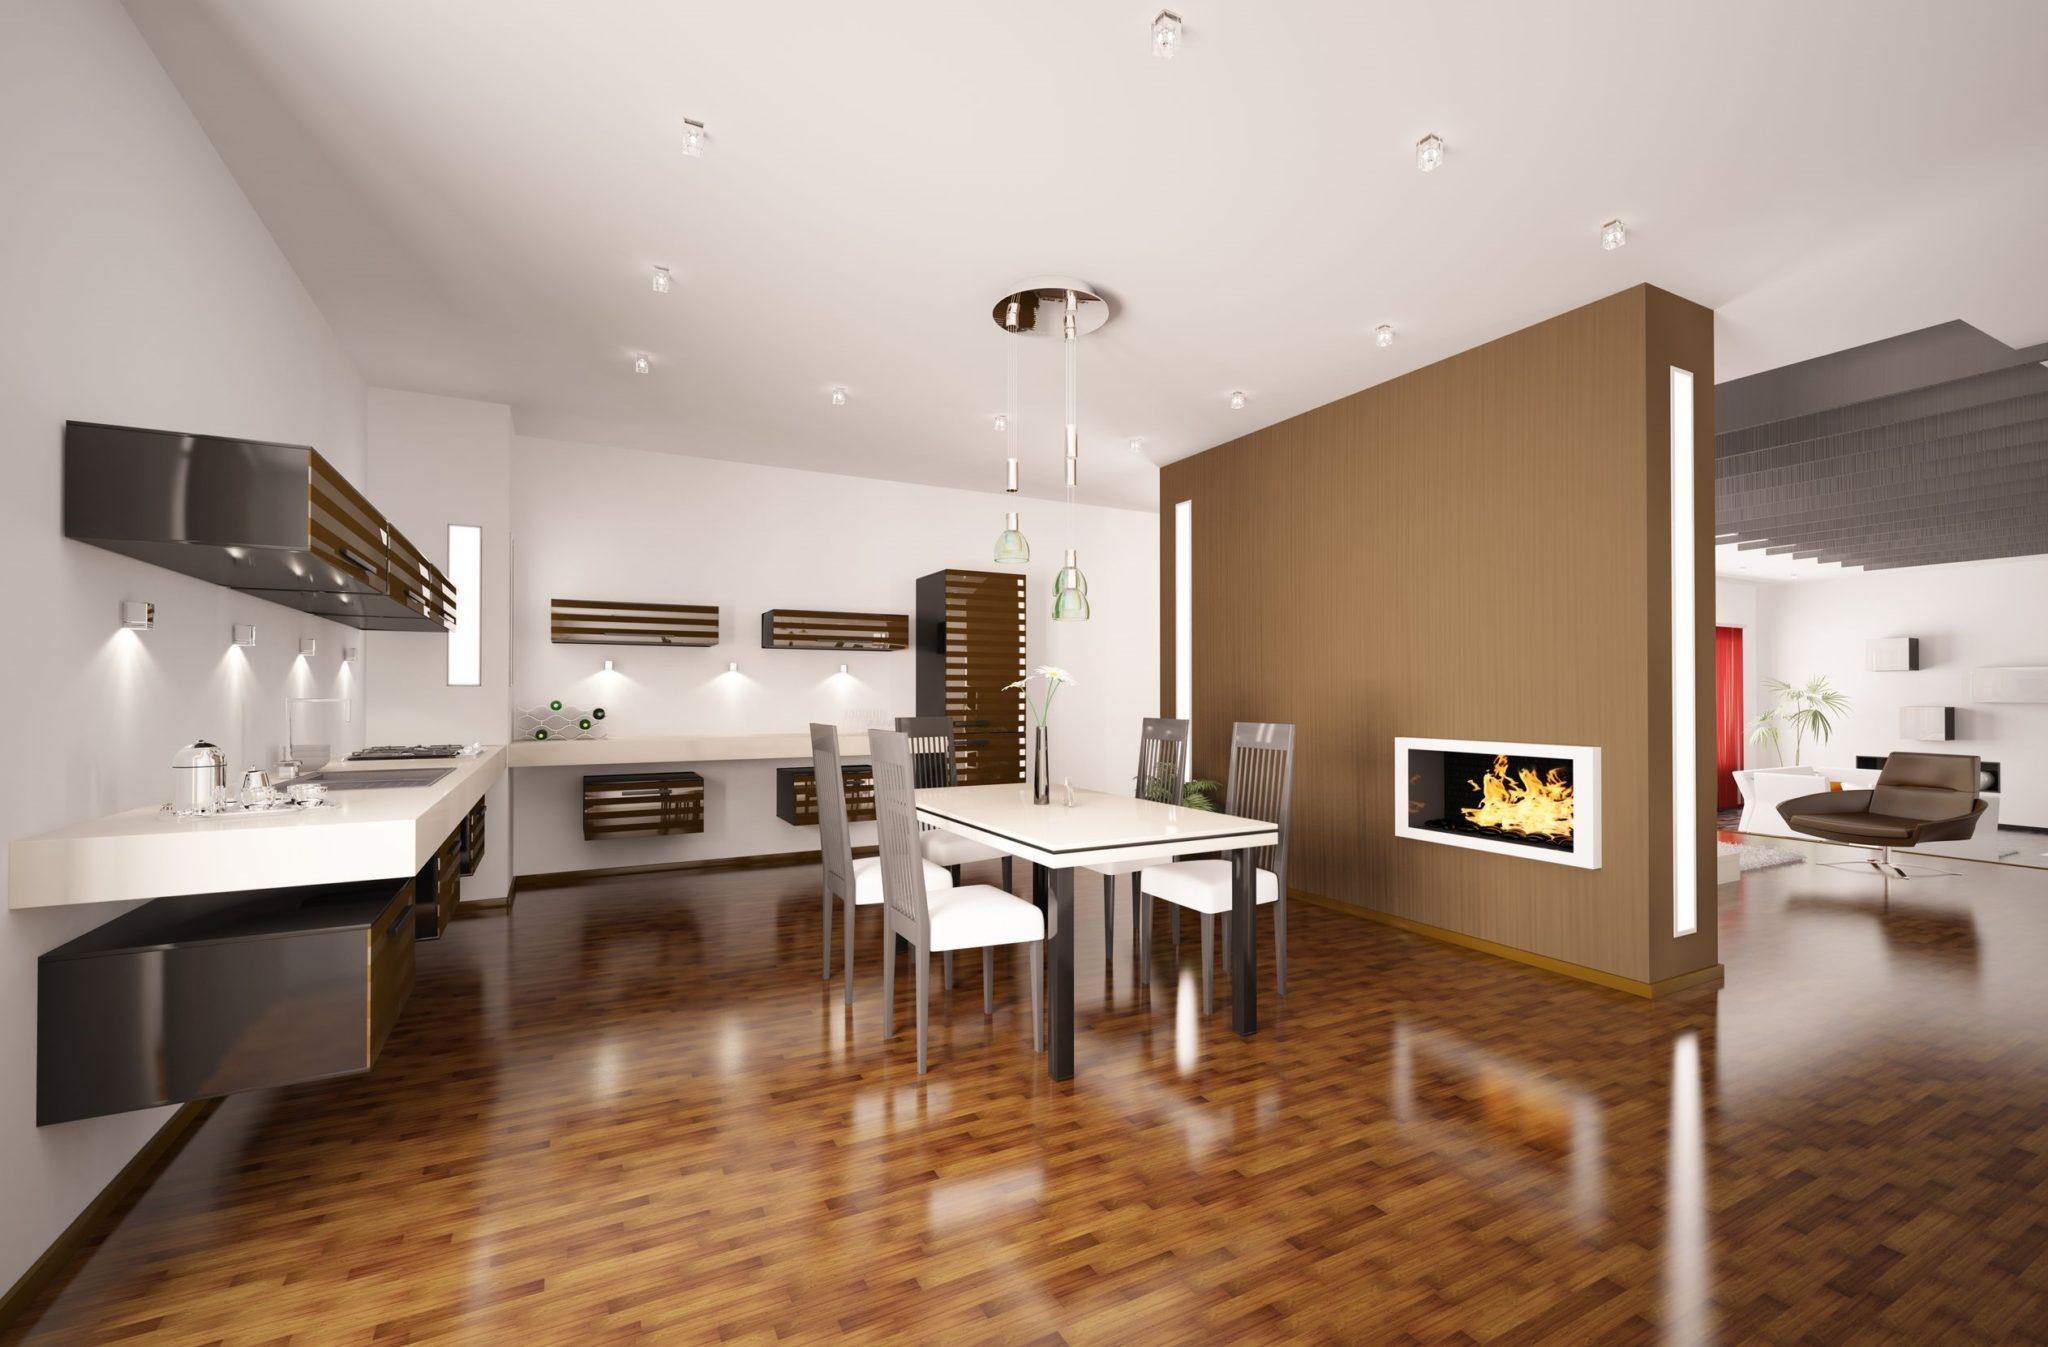 מטבחים מודרניים דגם טיפאני החדש